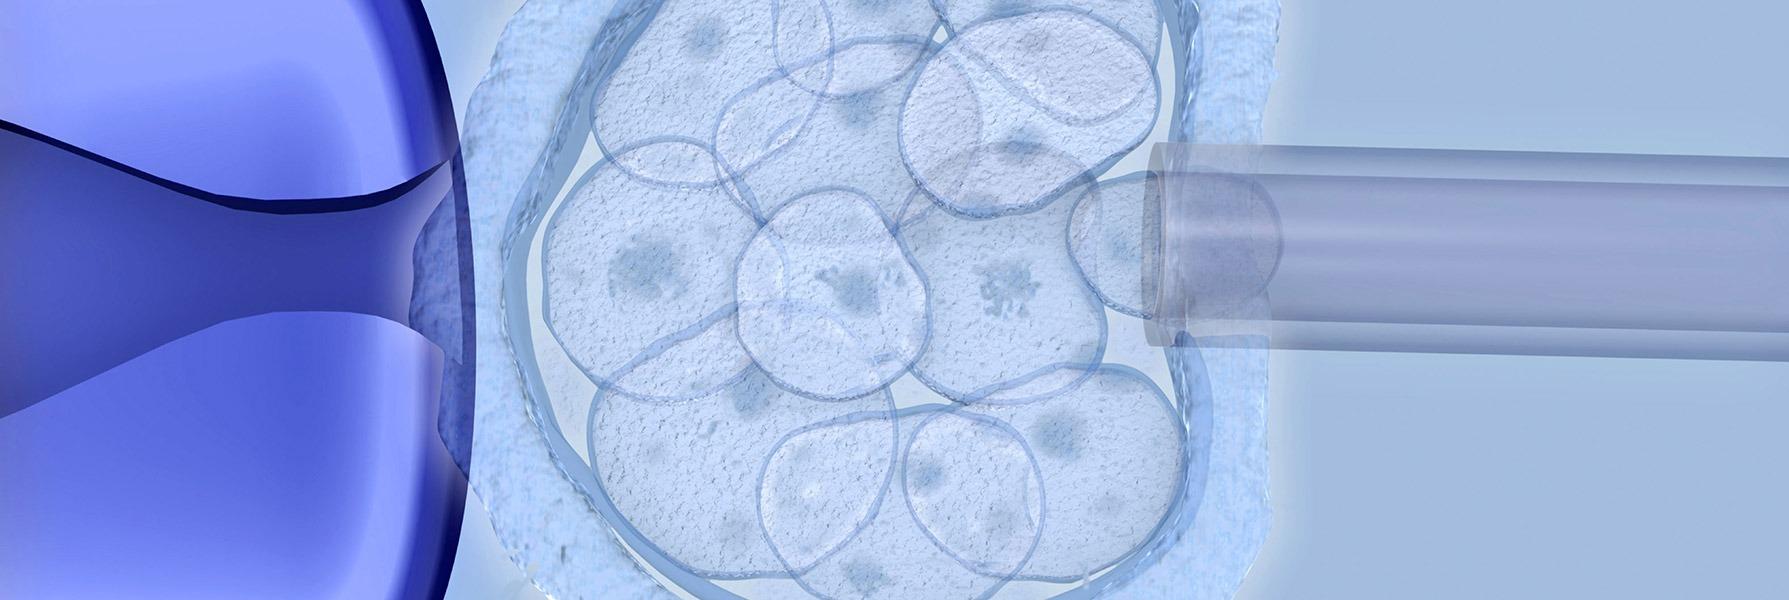 Προεμφυτευτική Γενετική Διάγνωση (PGD)